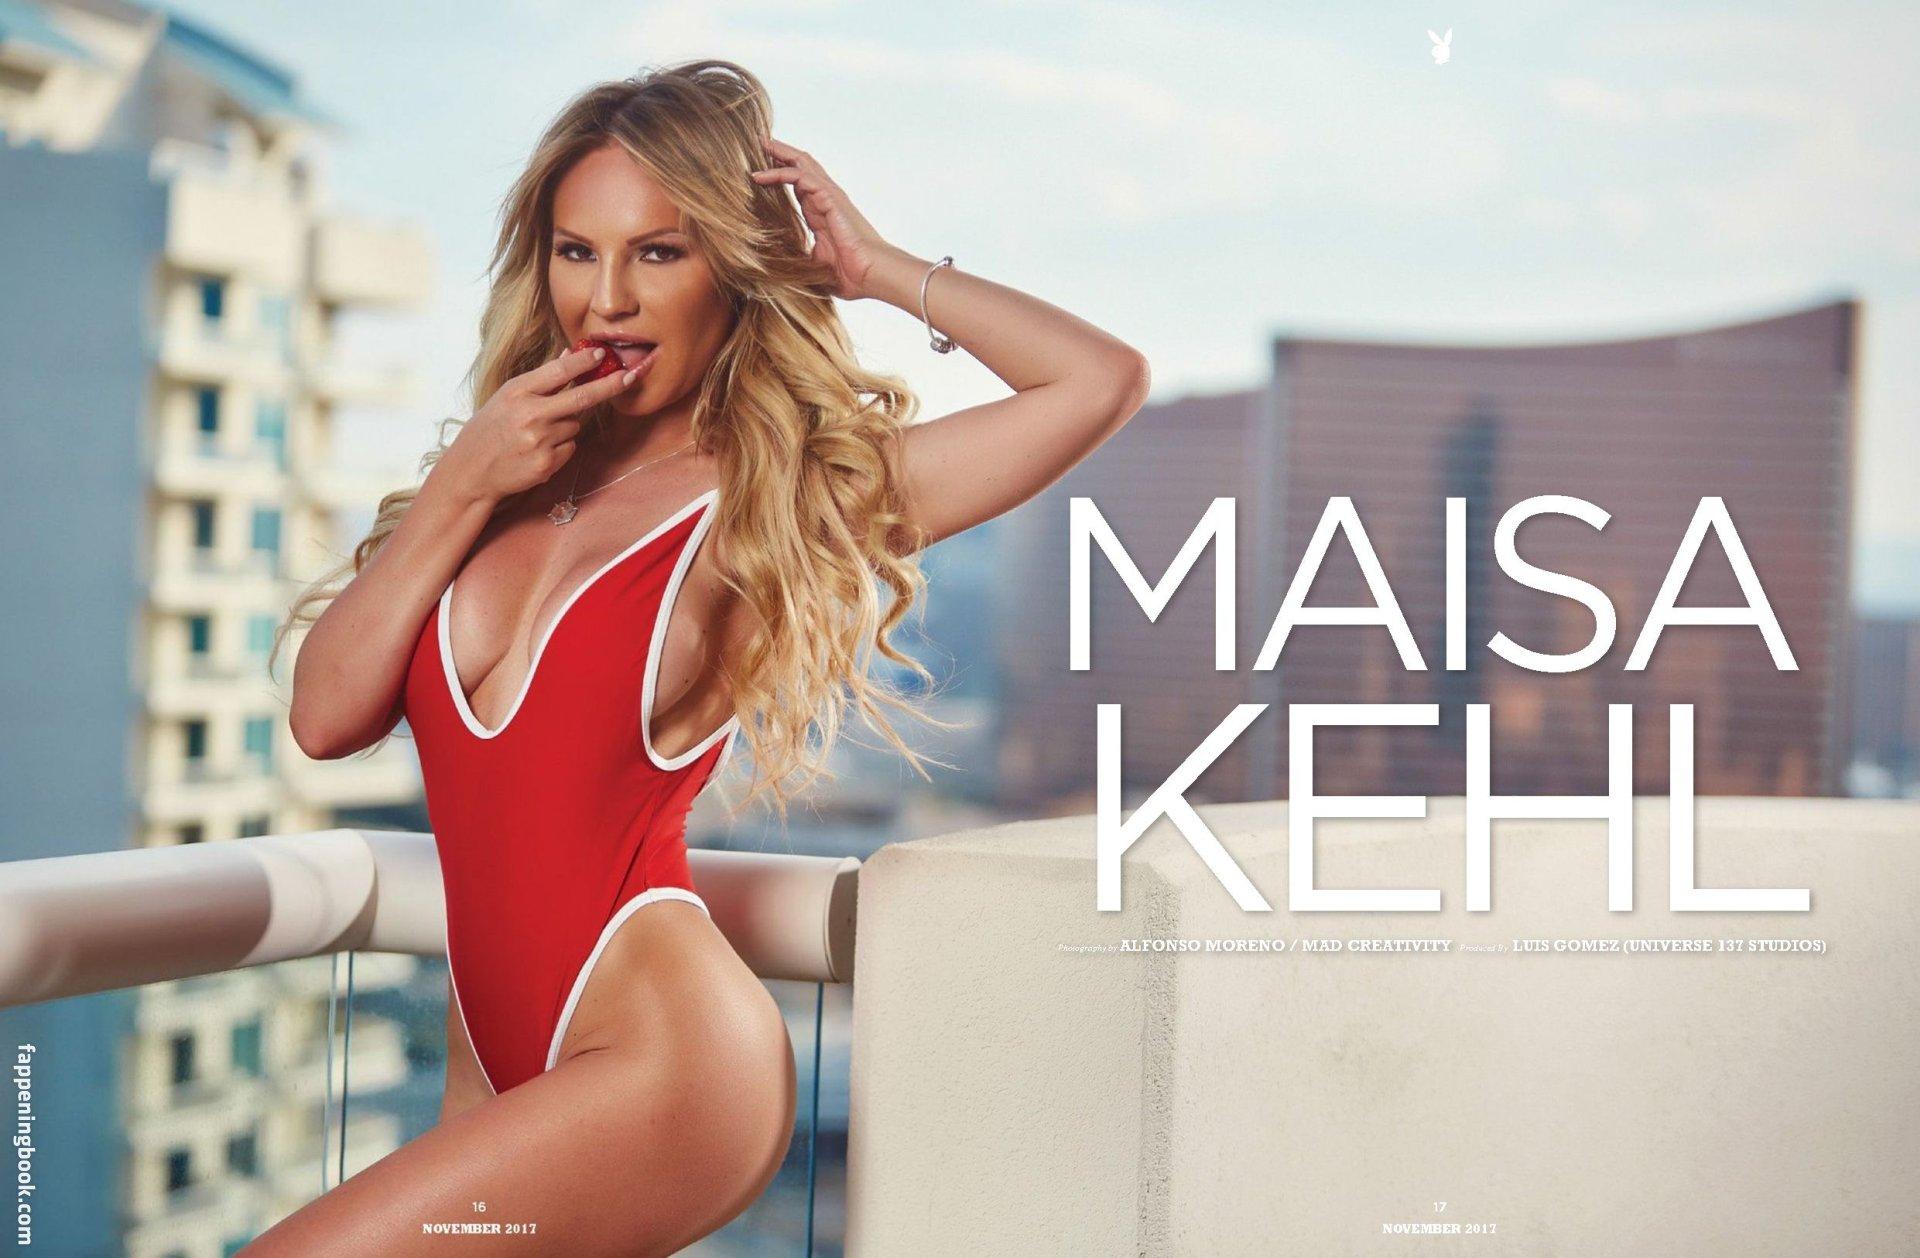 Maisa Kehl Nude